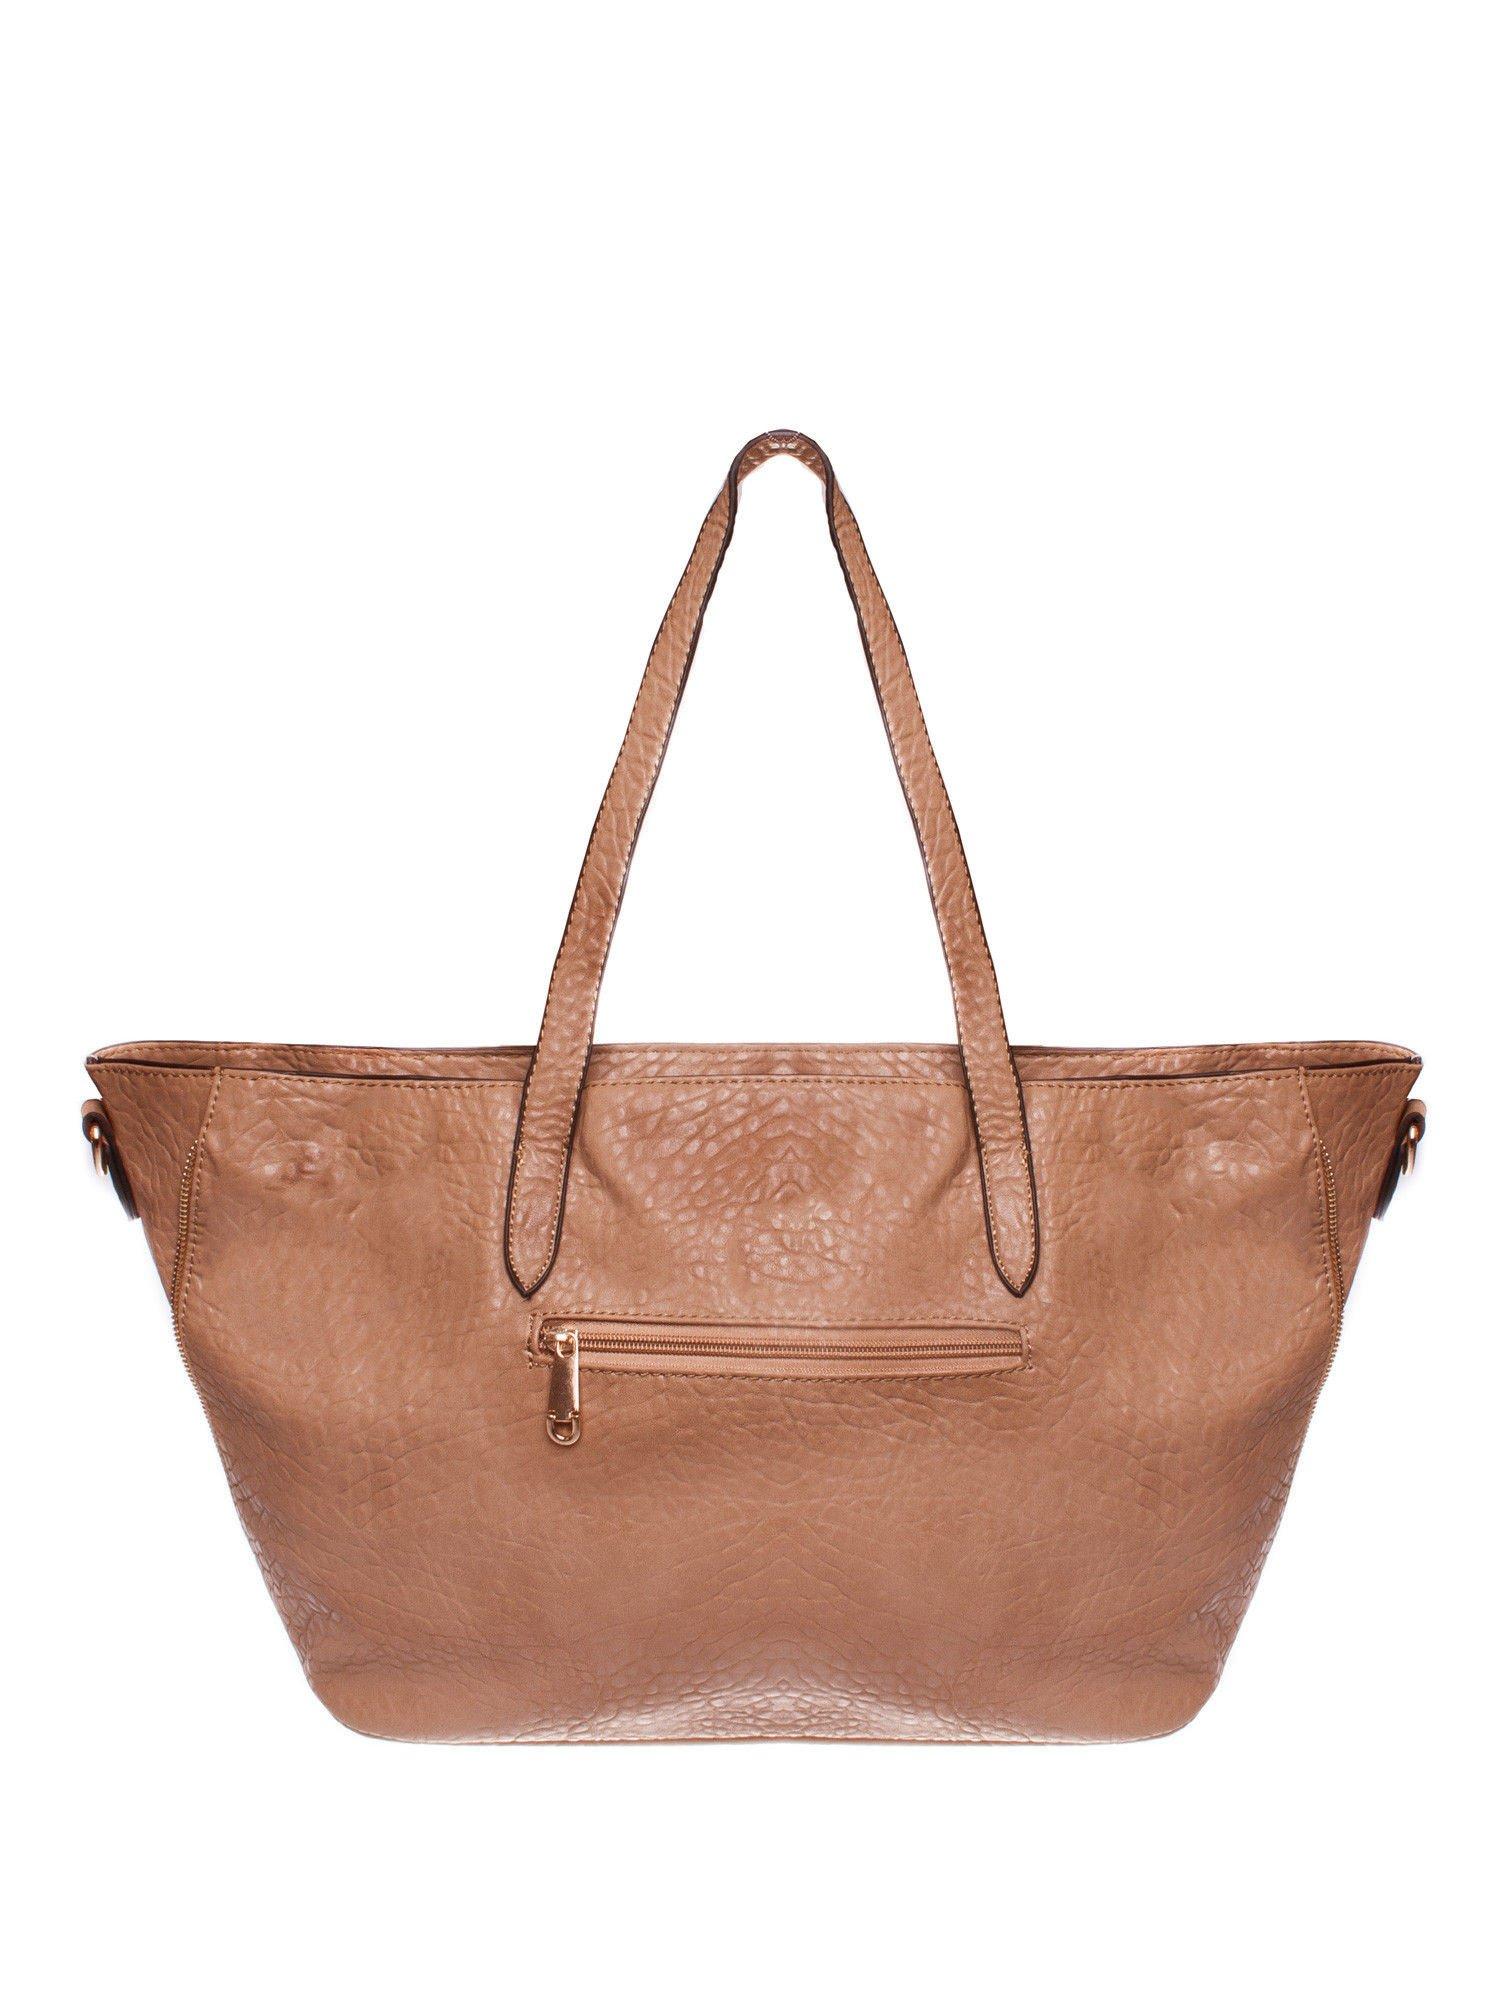 Brązowa torebka shopper bag z apaszką                                  zdj.                                  2